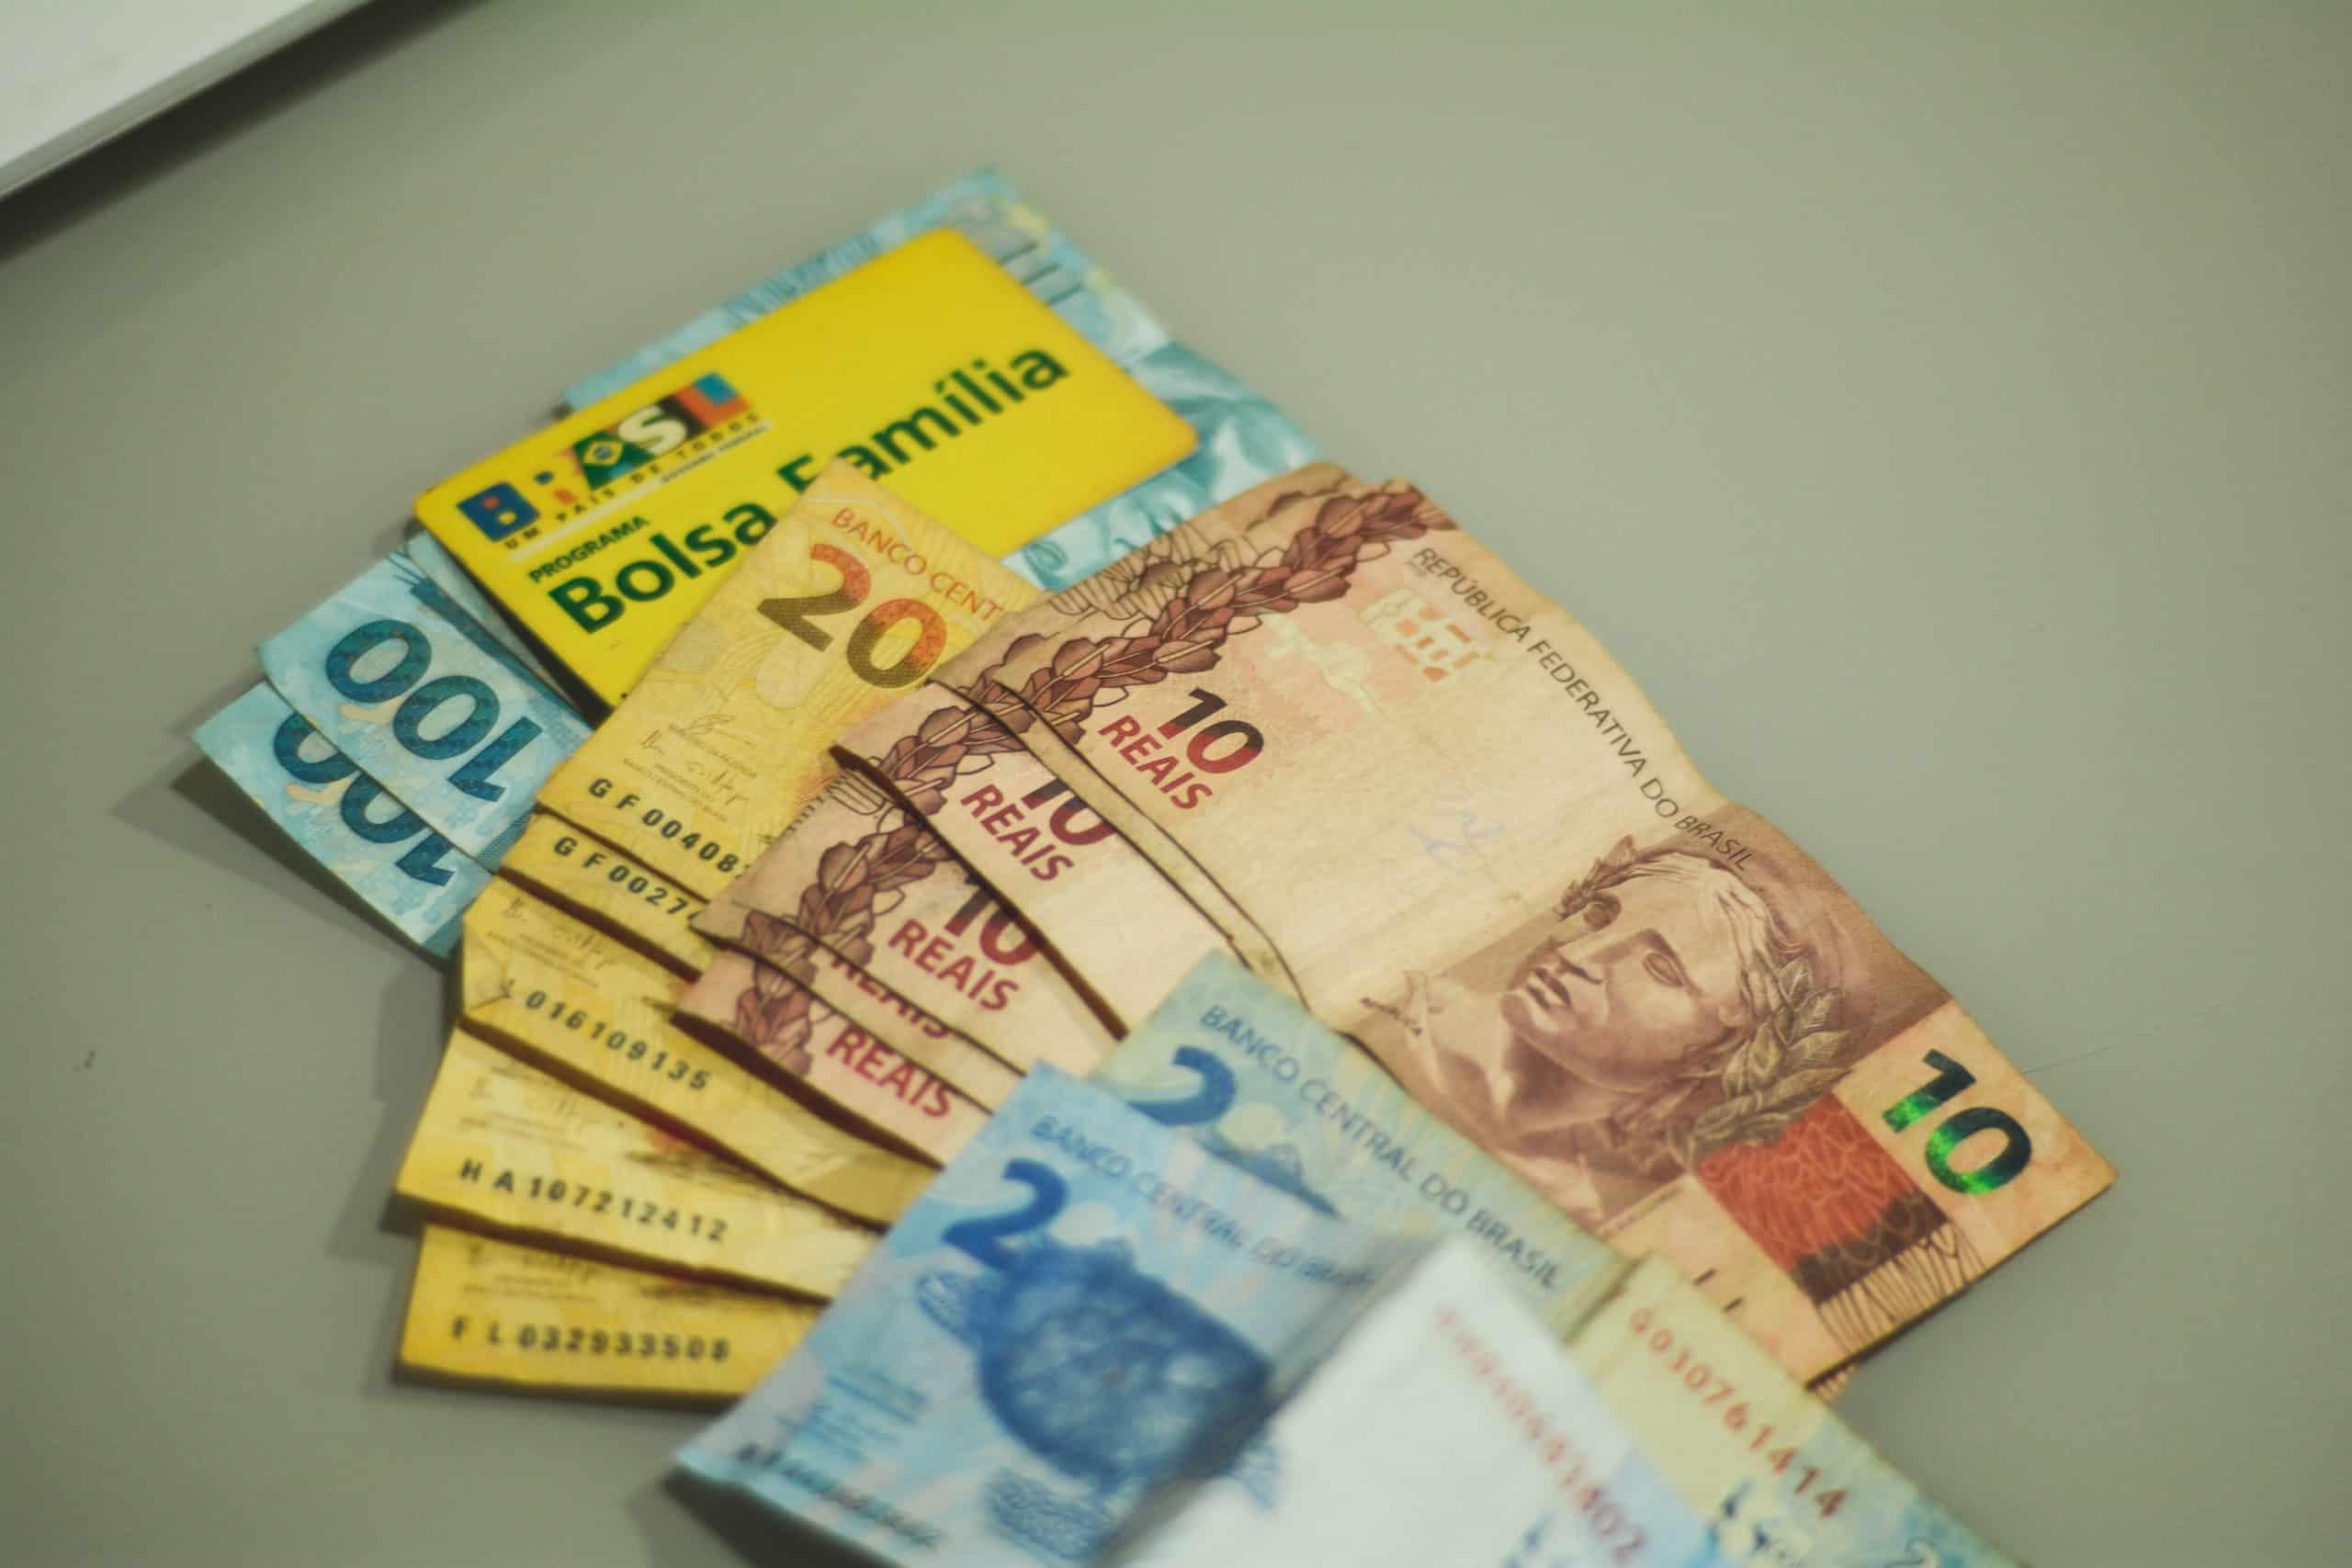 Calendário do Bolsa Família paga 2ª parcela do auxílio emergencial em maio (Imagem: Marcos Rocha/ FDR)